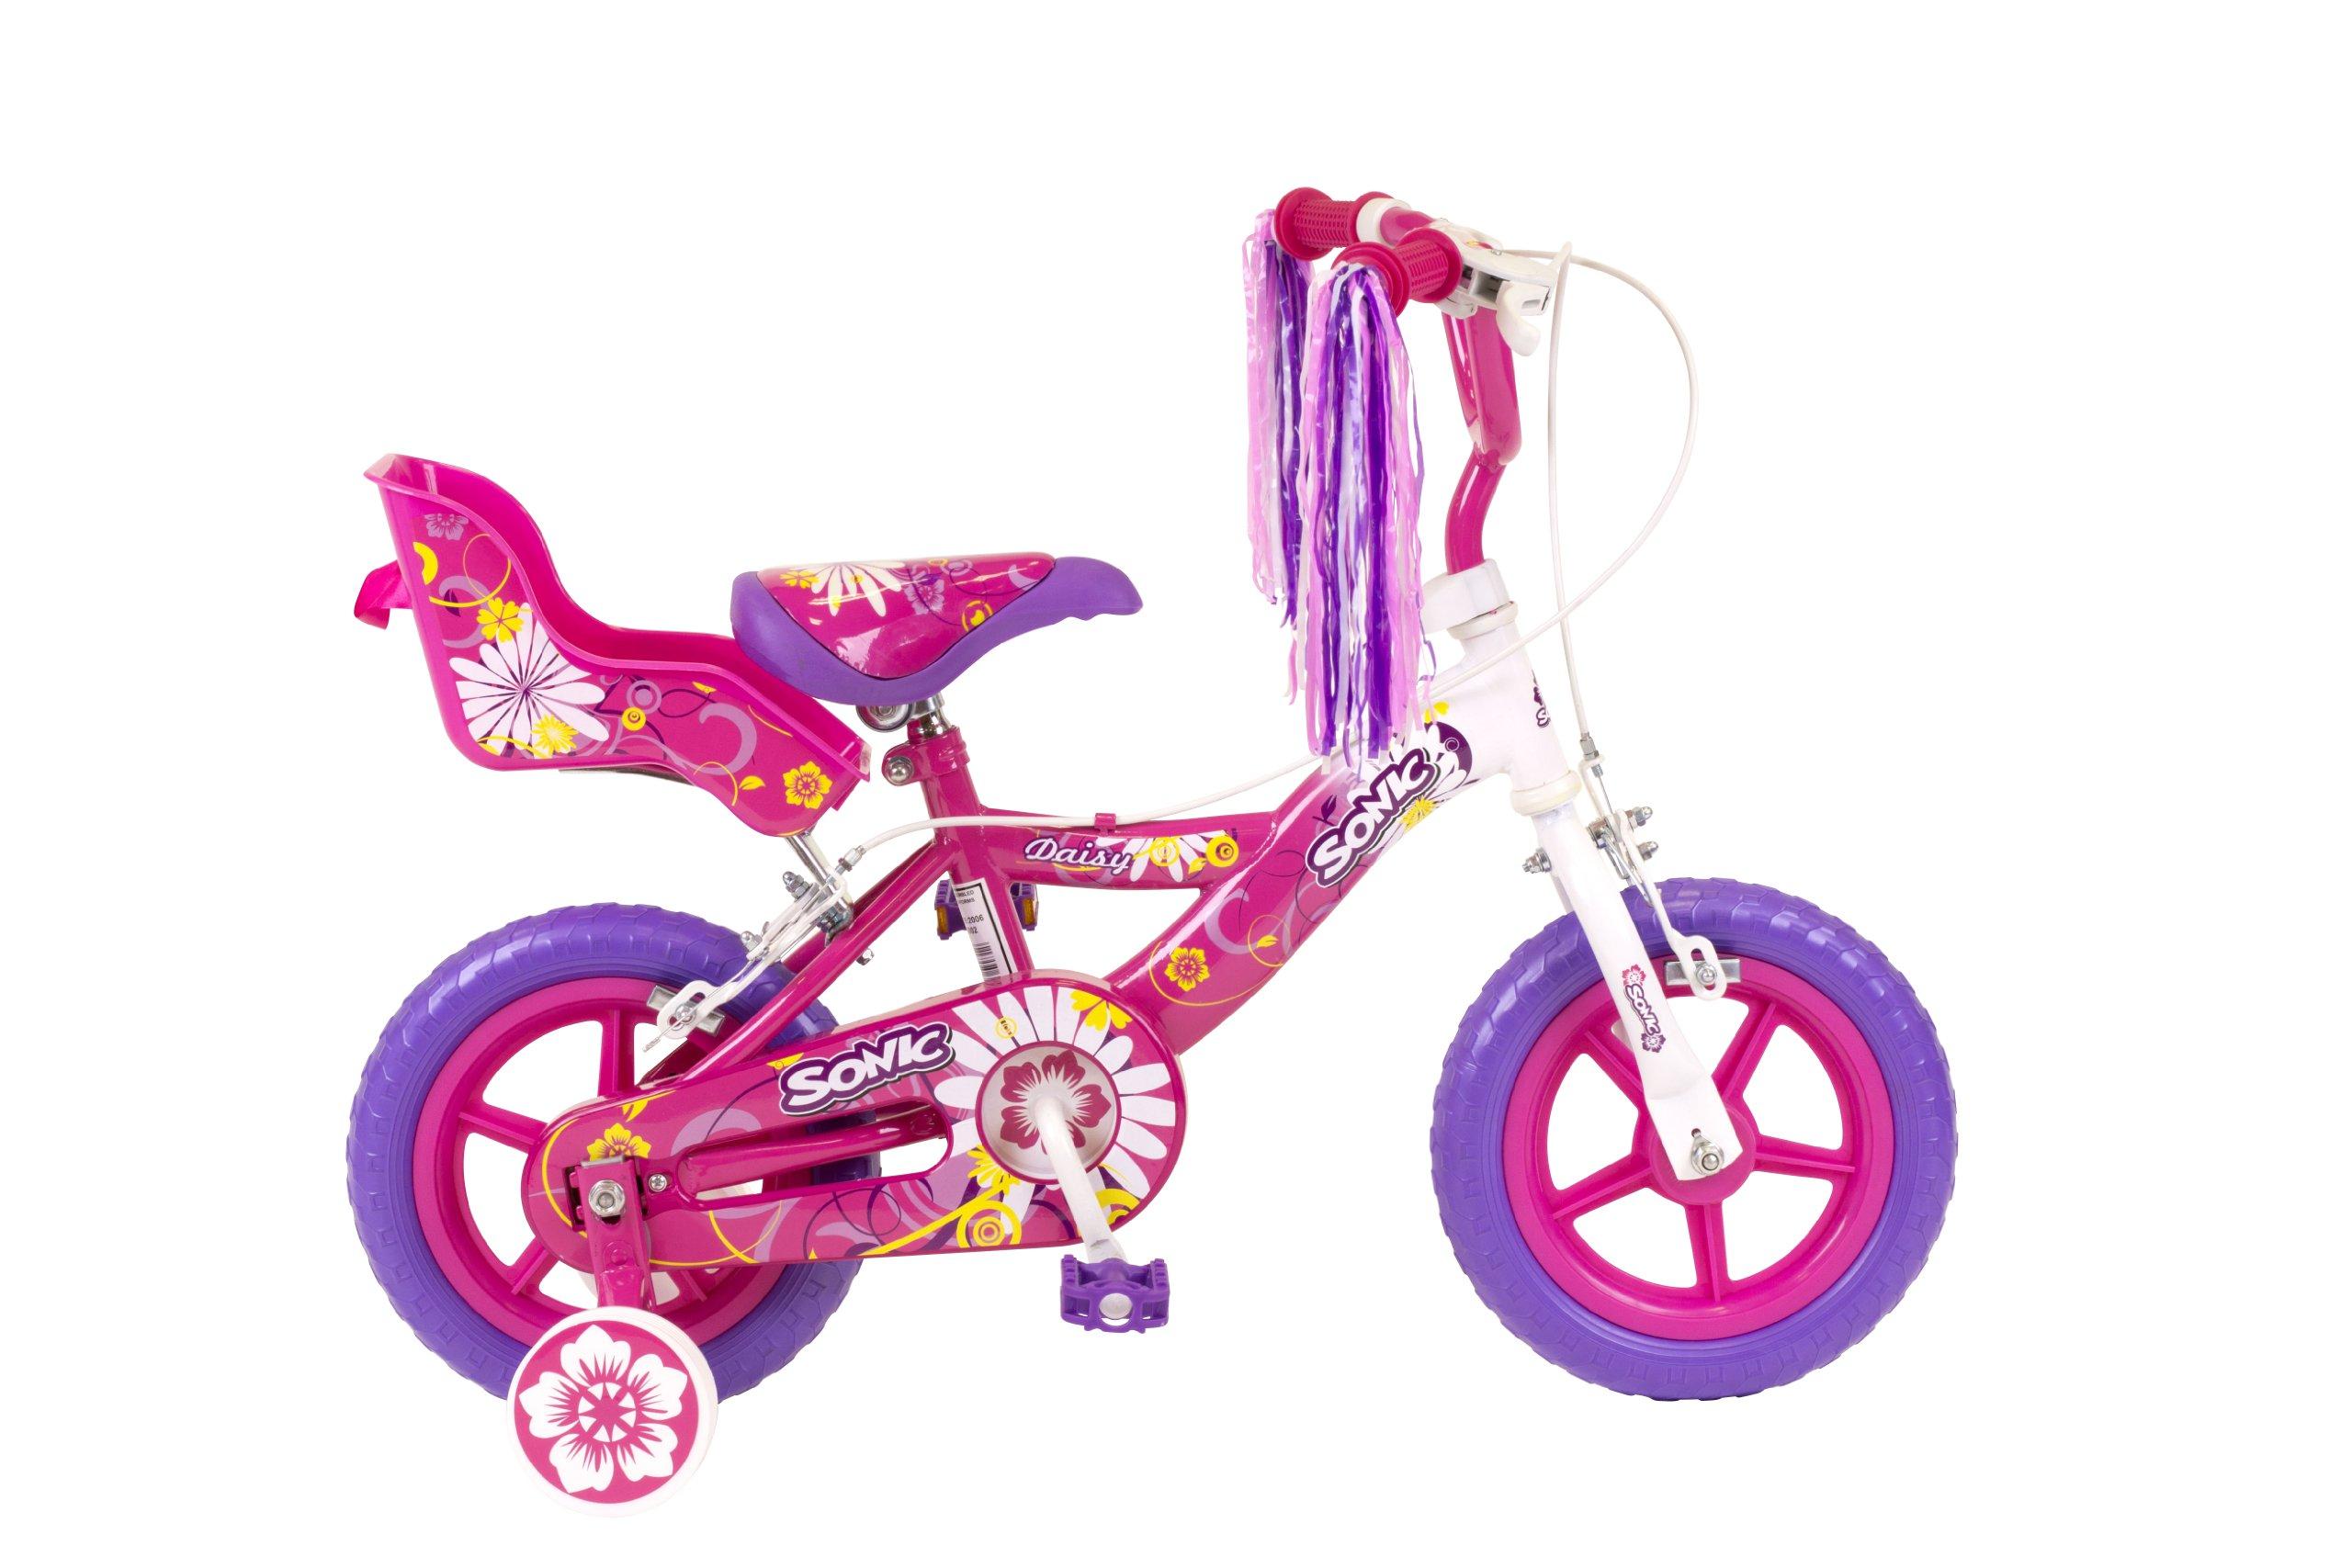 Sonic Daisy Girls Bike - White/Pink. 12 Inch